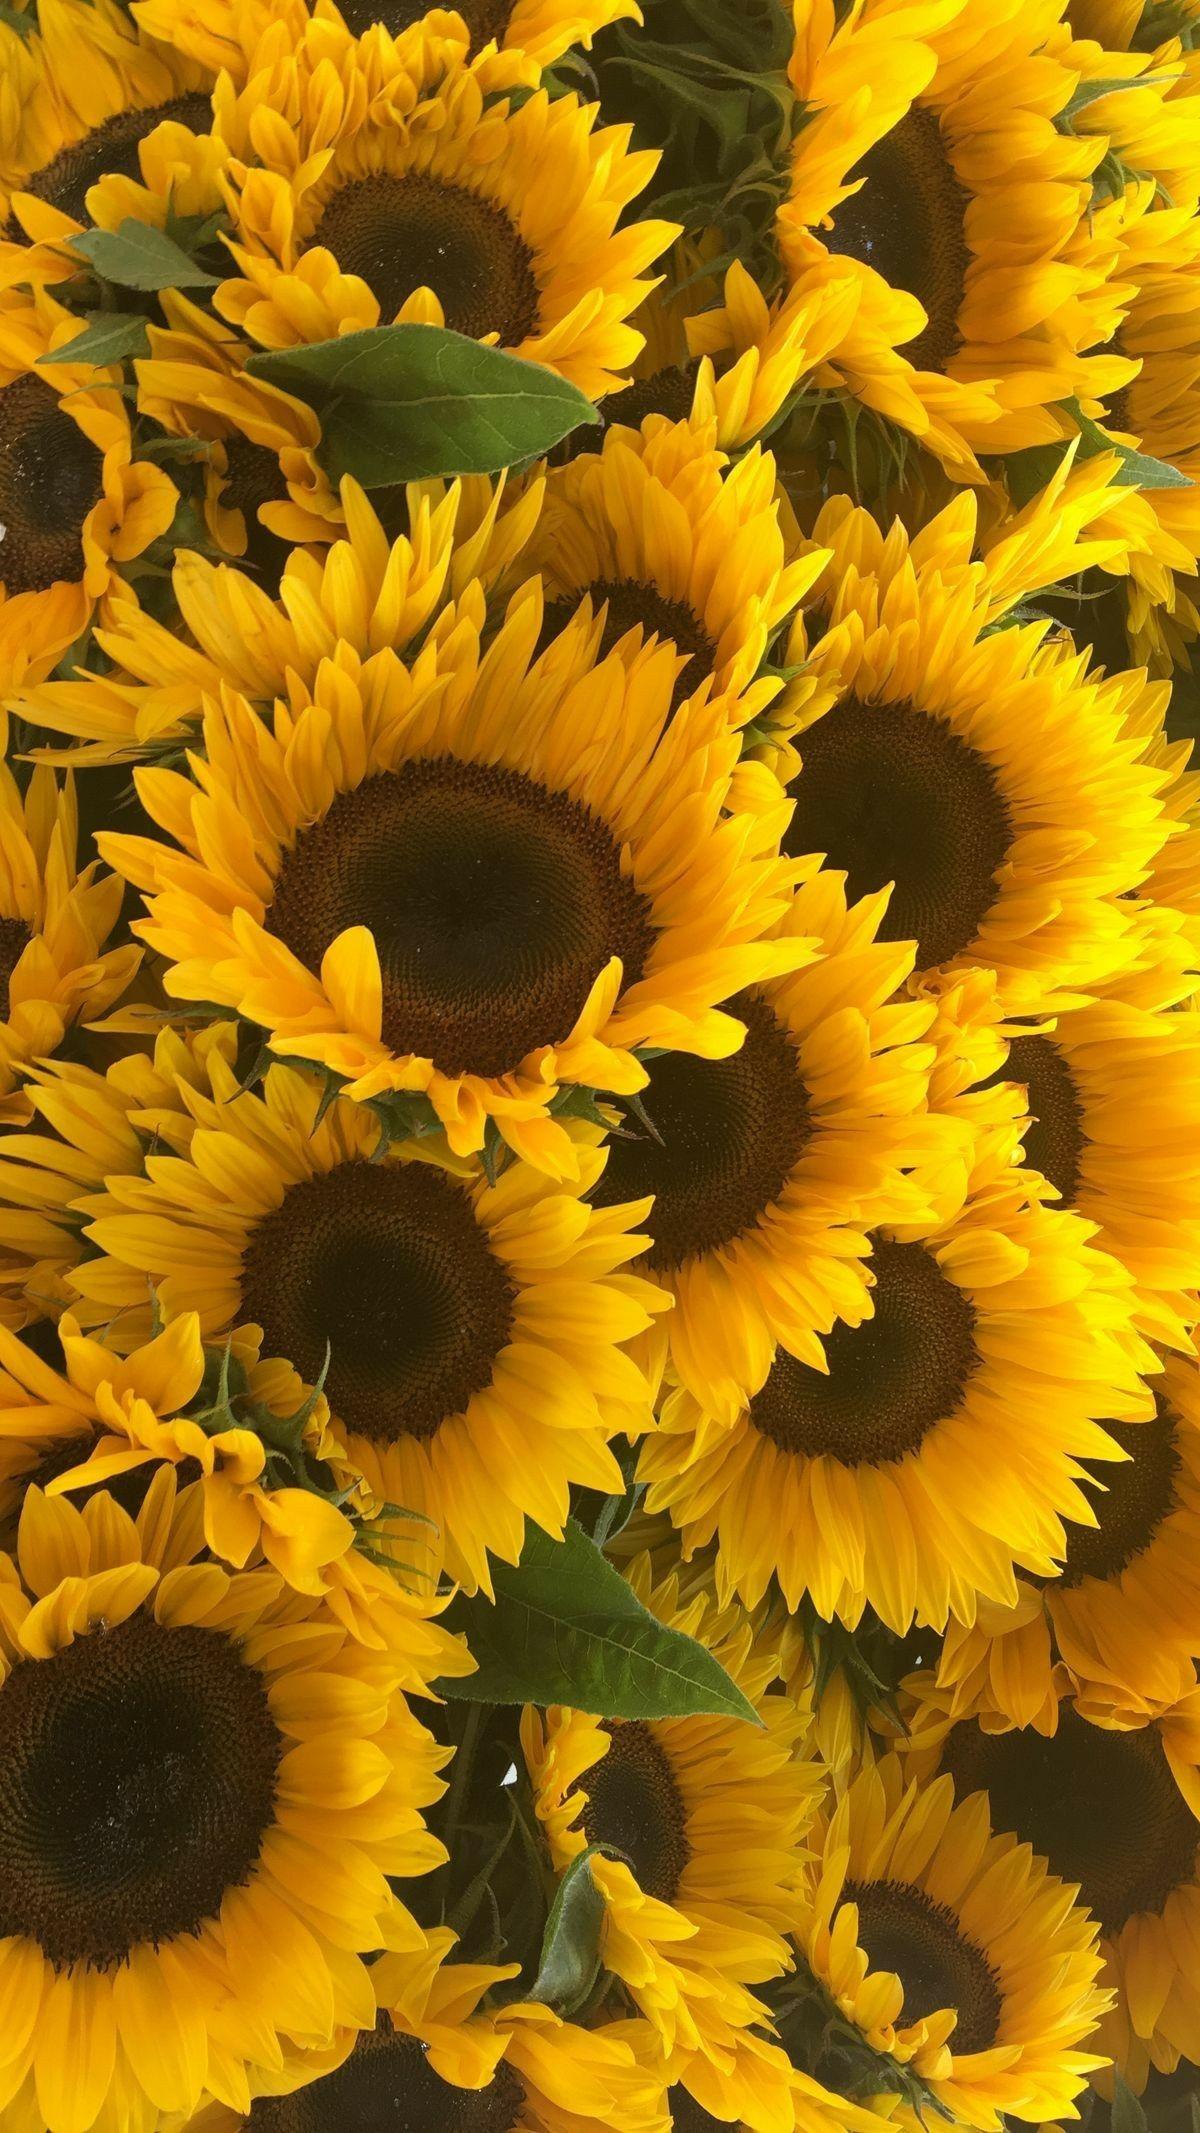 Sunflower Con Imagenes Girasoles Fondos De Fondos De Pantalla